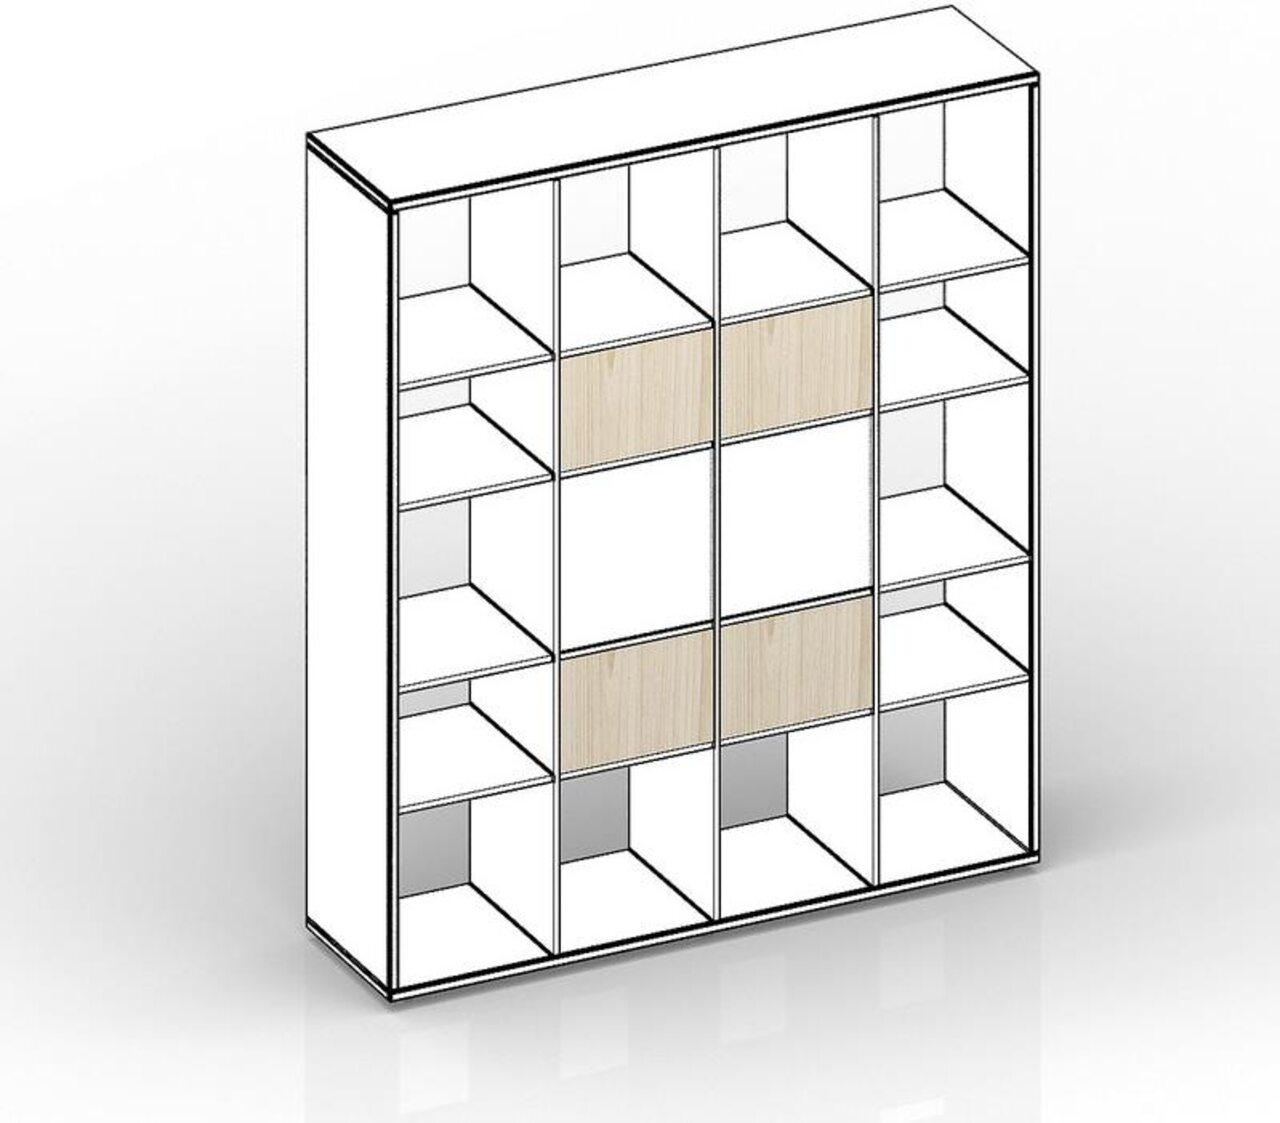 Комплект задних стенок (малых) для стеллажа - 4 штуки  Polo 39x2x25 - фото 1